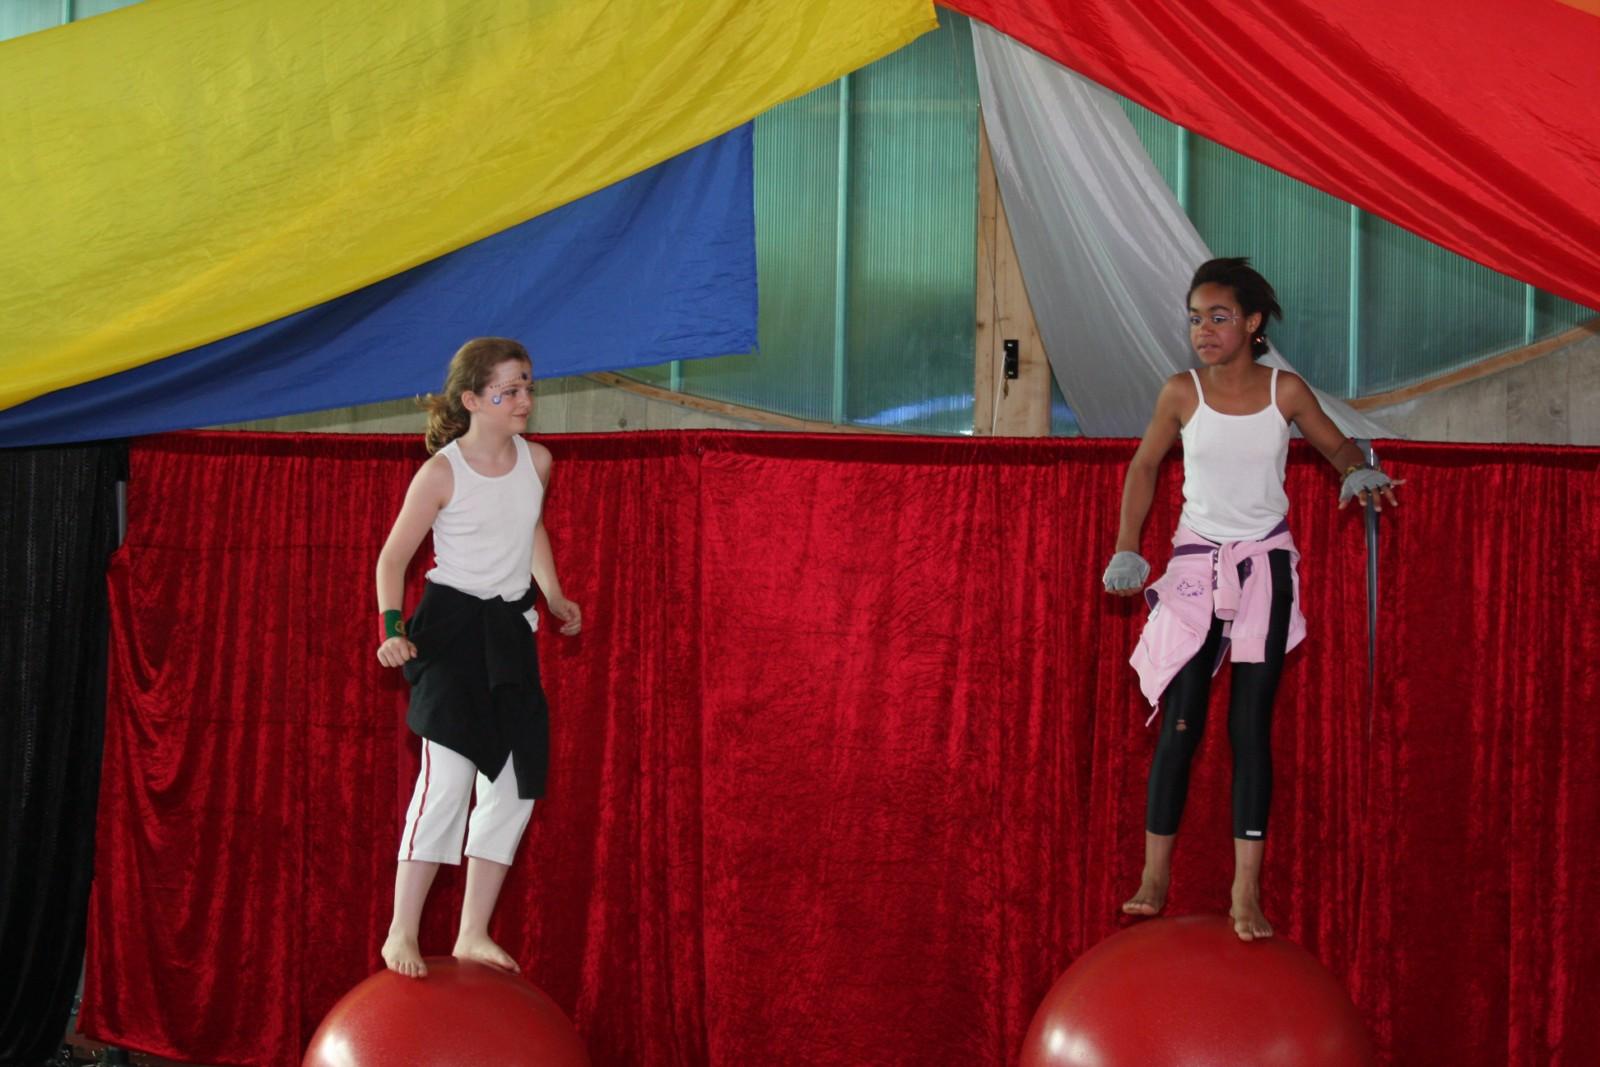 Spectacle de fin d'année 2010 - école de cirque En Piste - Cesson-Sévigné - Rennes Metropole